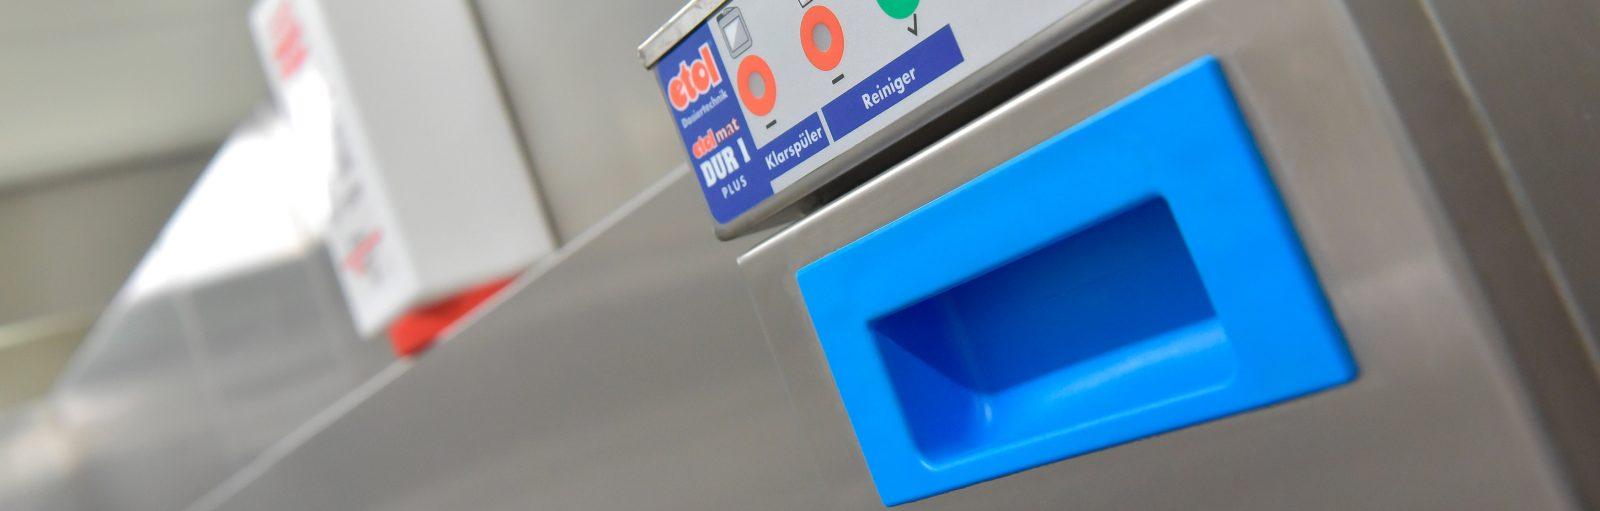 gewerbliche Spülmaschine Compactreiniger Dosiertechnik etolit Reinigungsmittel